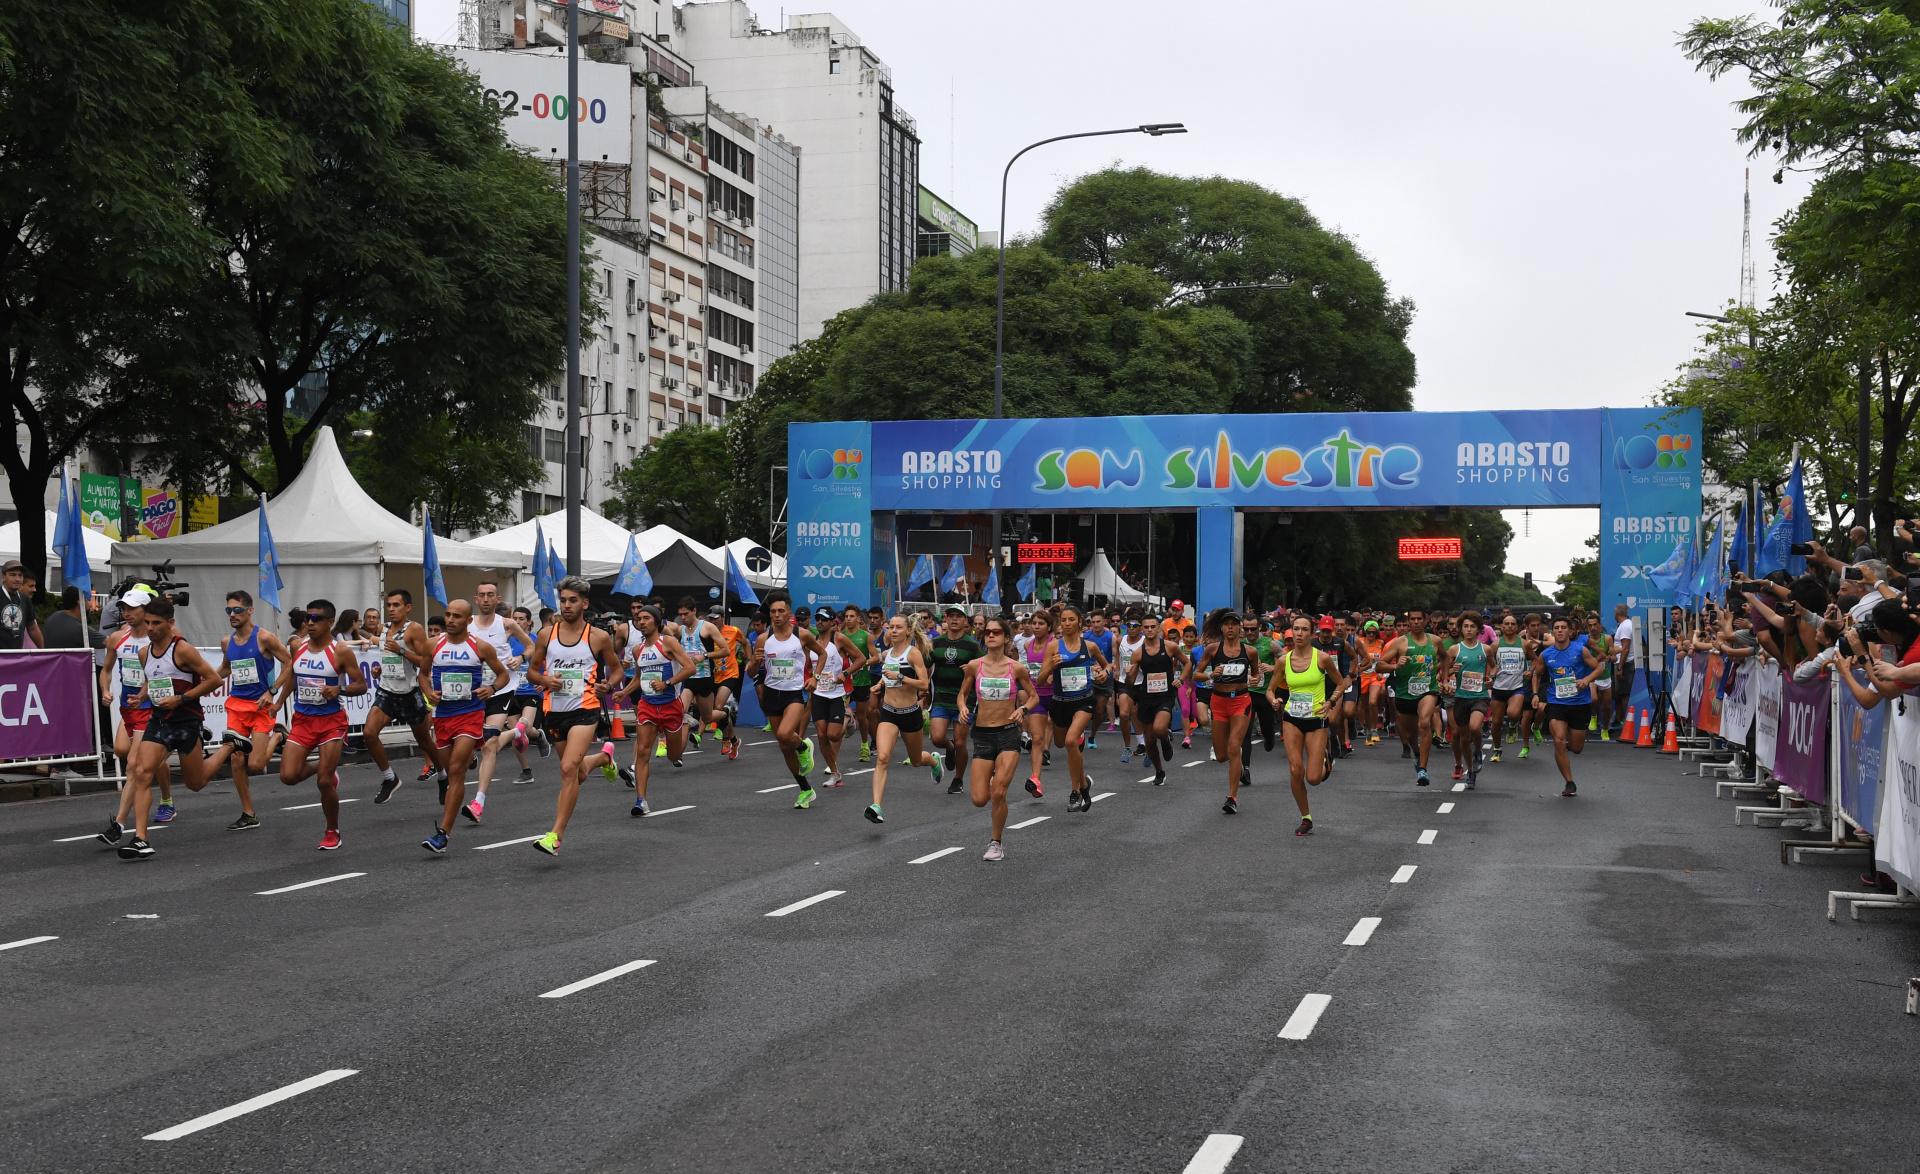 El momento de la largada de la maratón en 9 de Julio y Bartolomé Mitre (Maximiliano Luna)